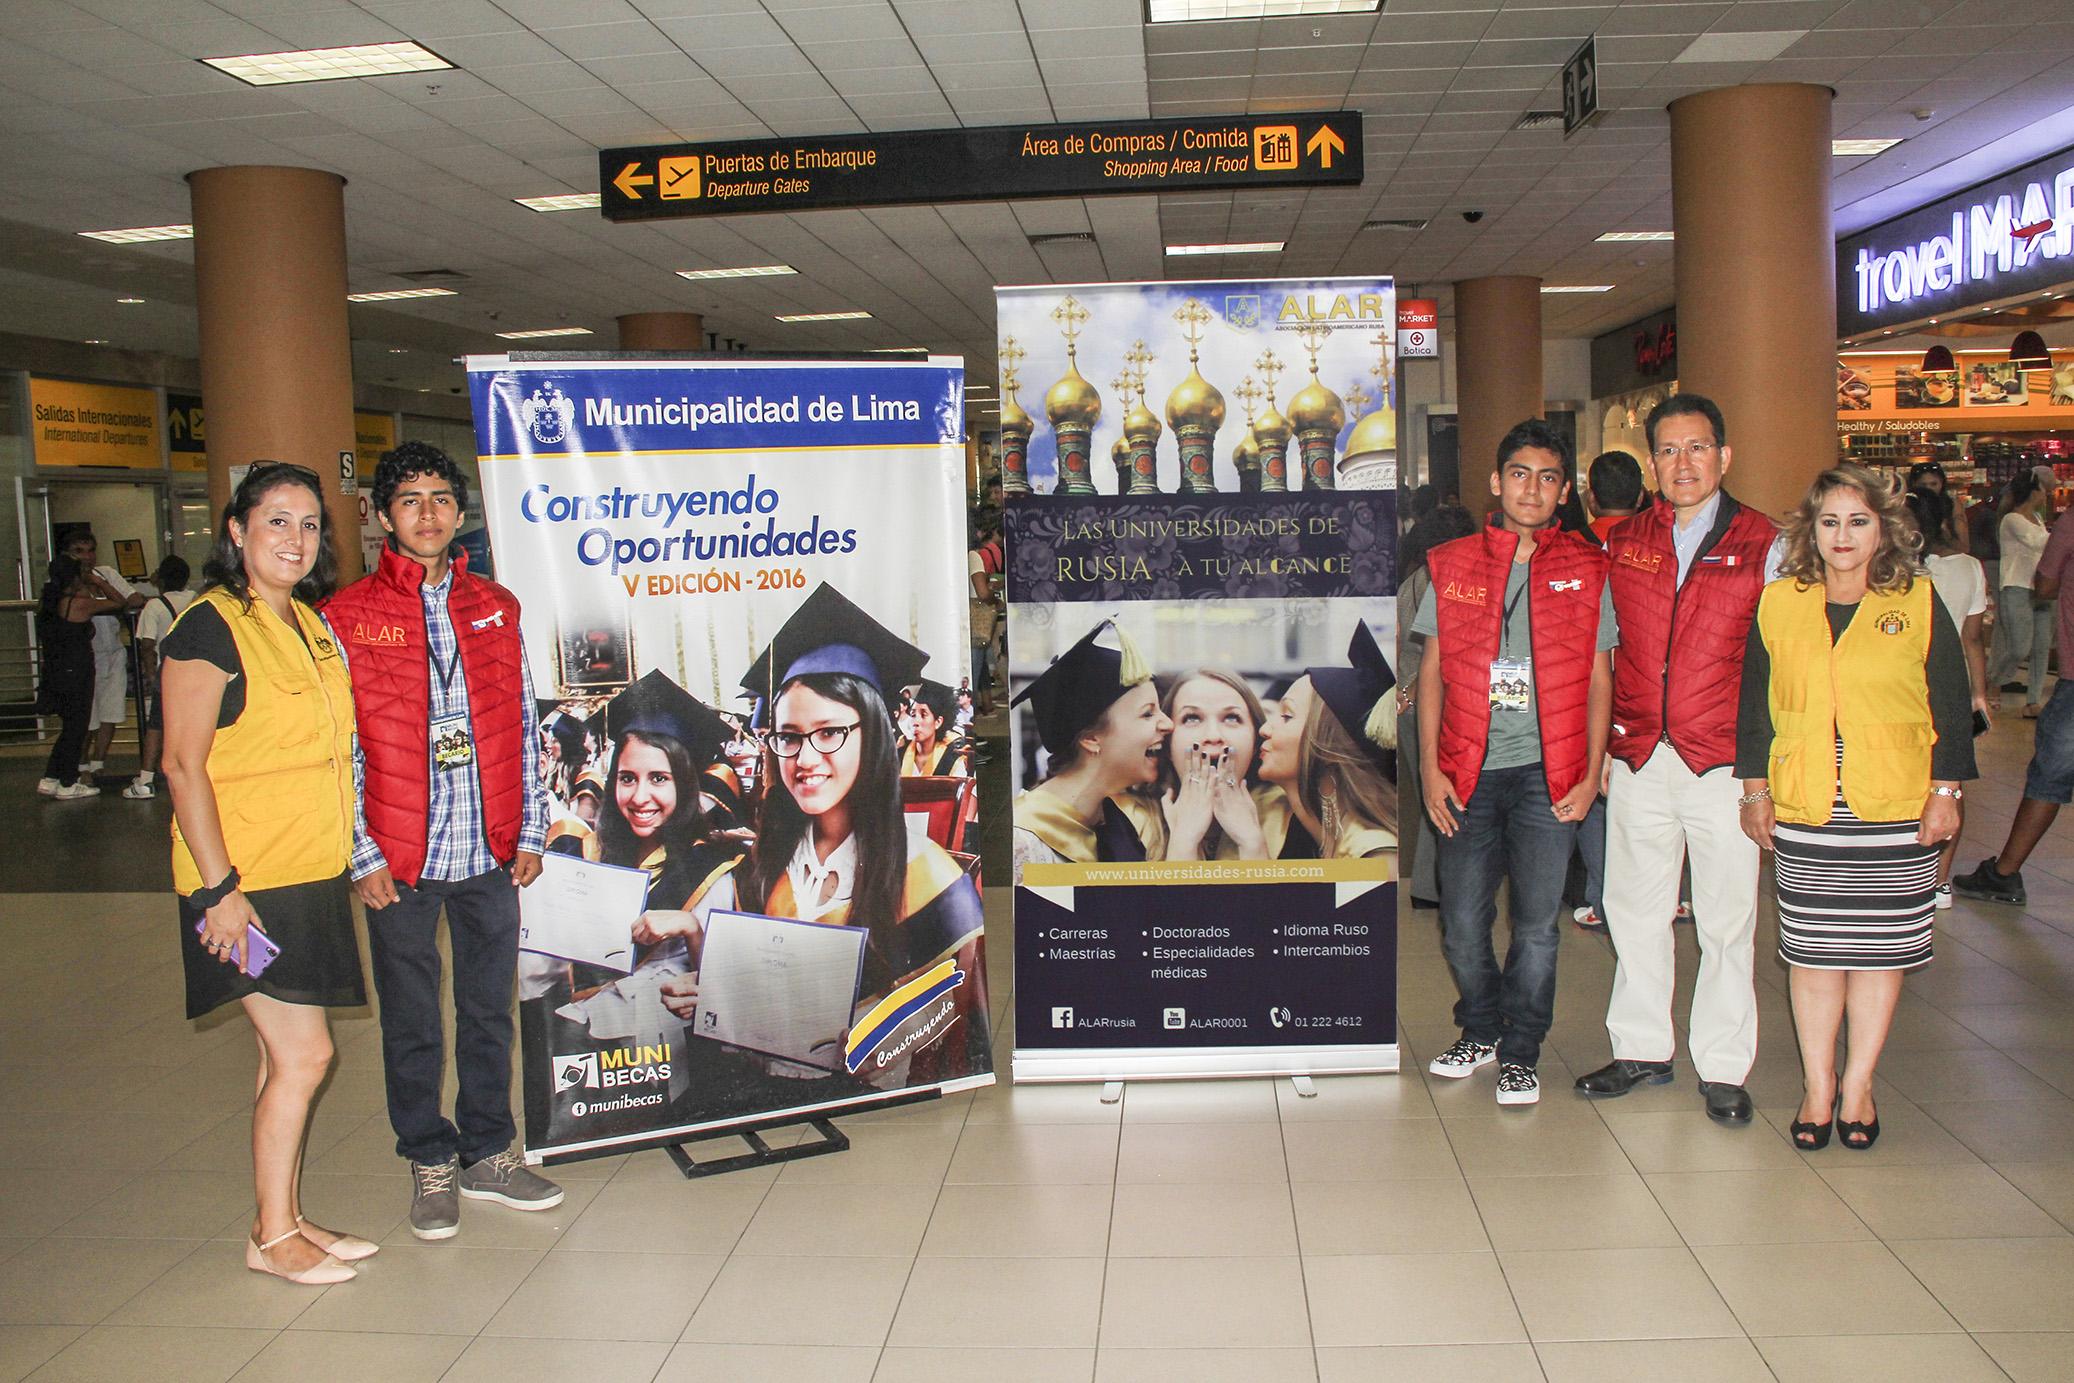 Municipalidad Metropolitana de Lima (Munibecas) y ALAR: Inicio de cooperación